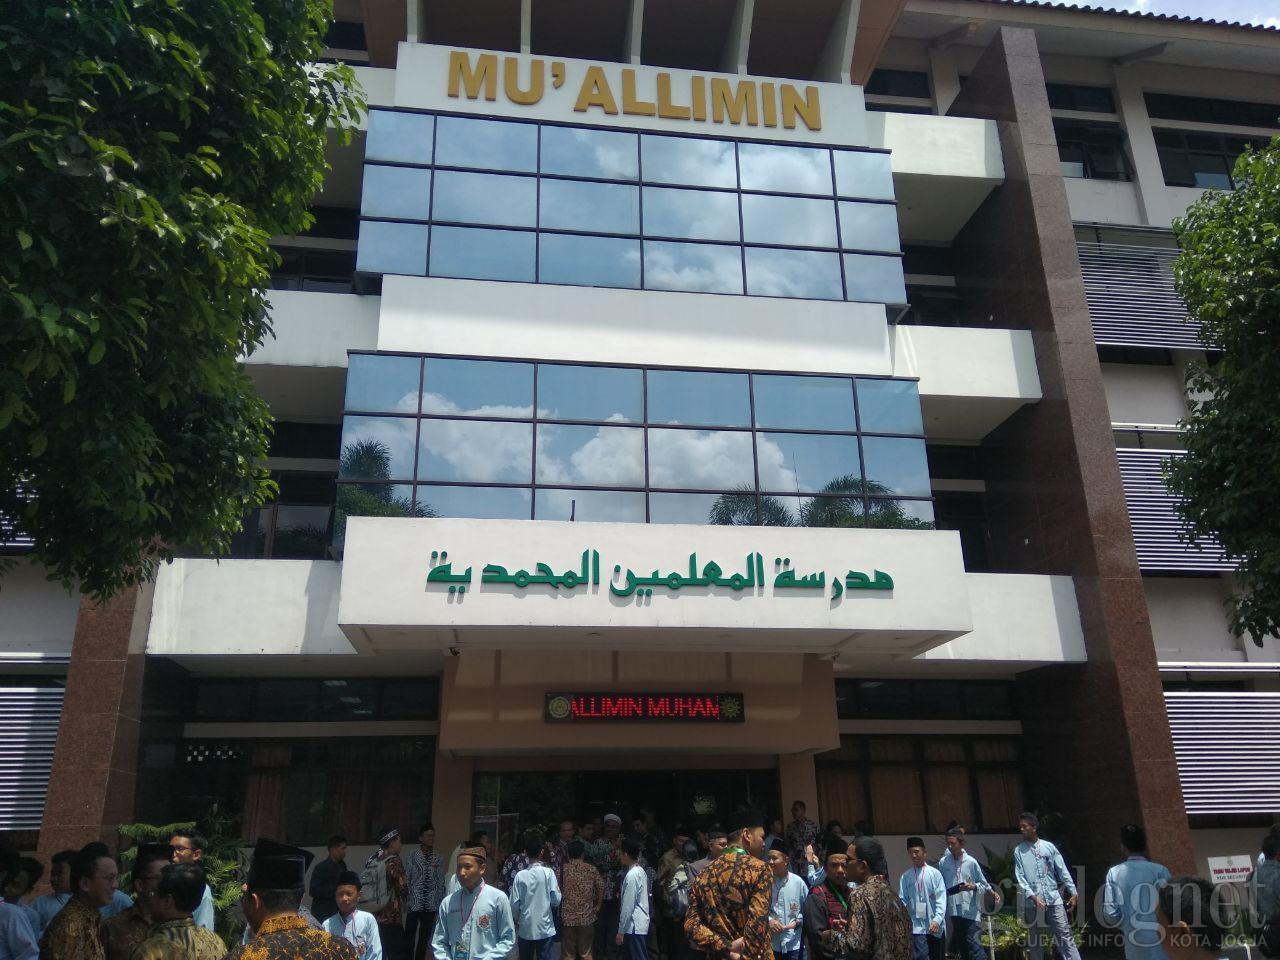 Sejarah di Balik Satu Abad Madrasah Muallimin Muhammadiyah Yogyakarta